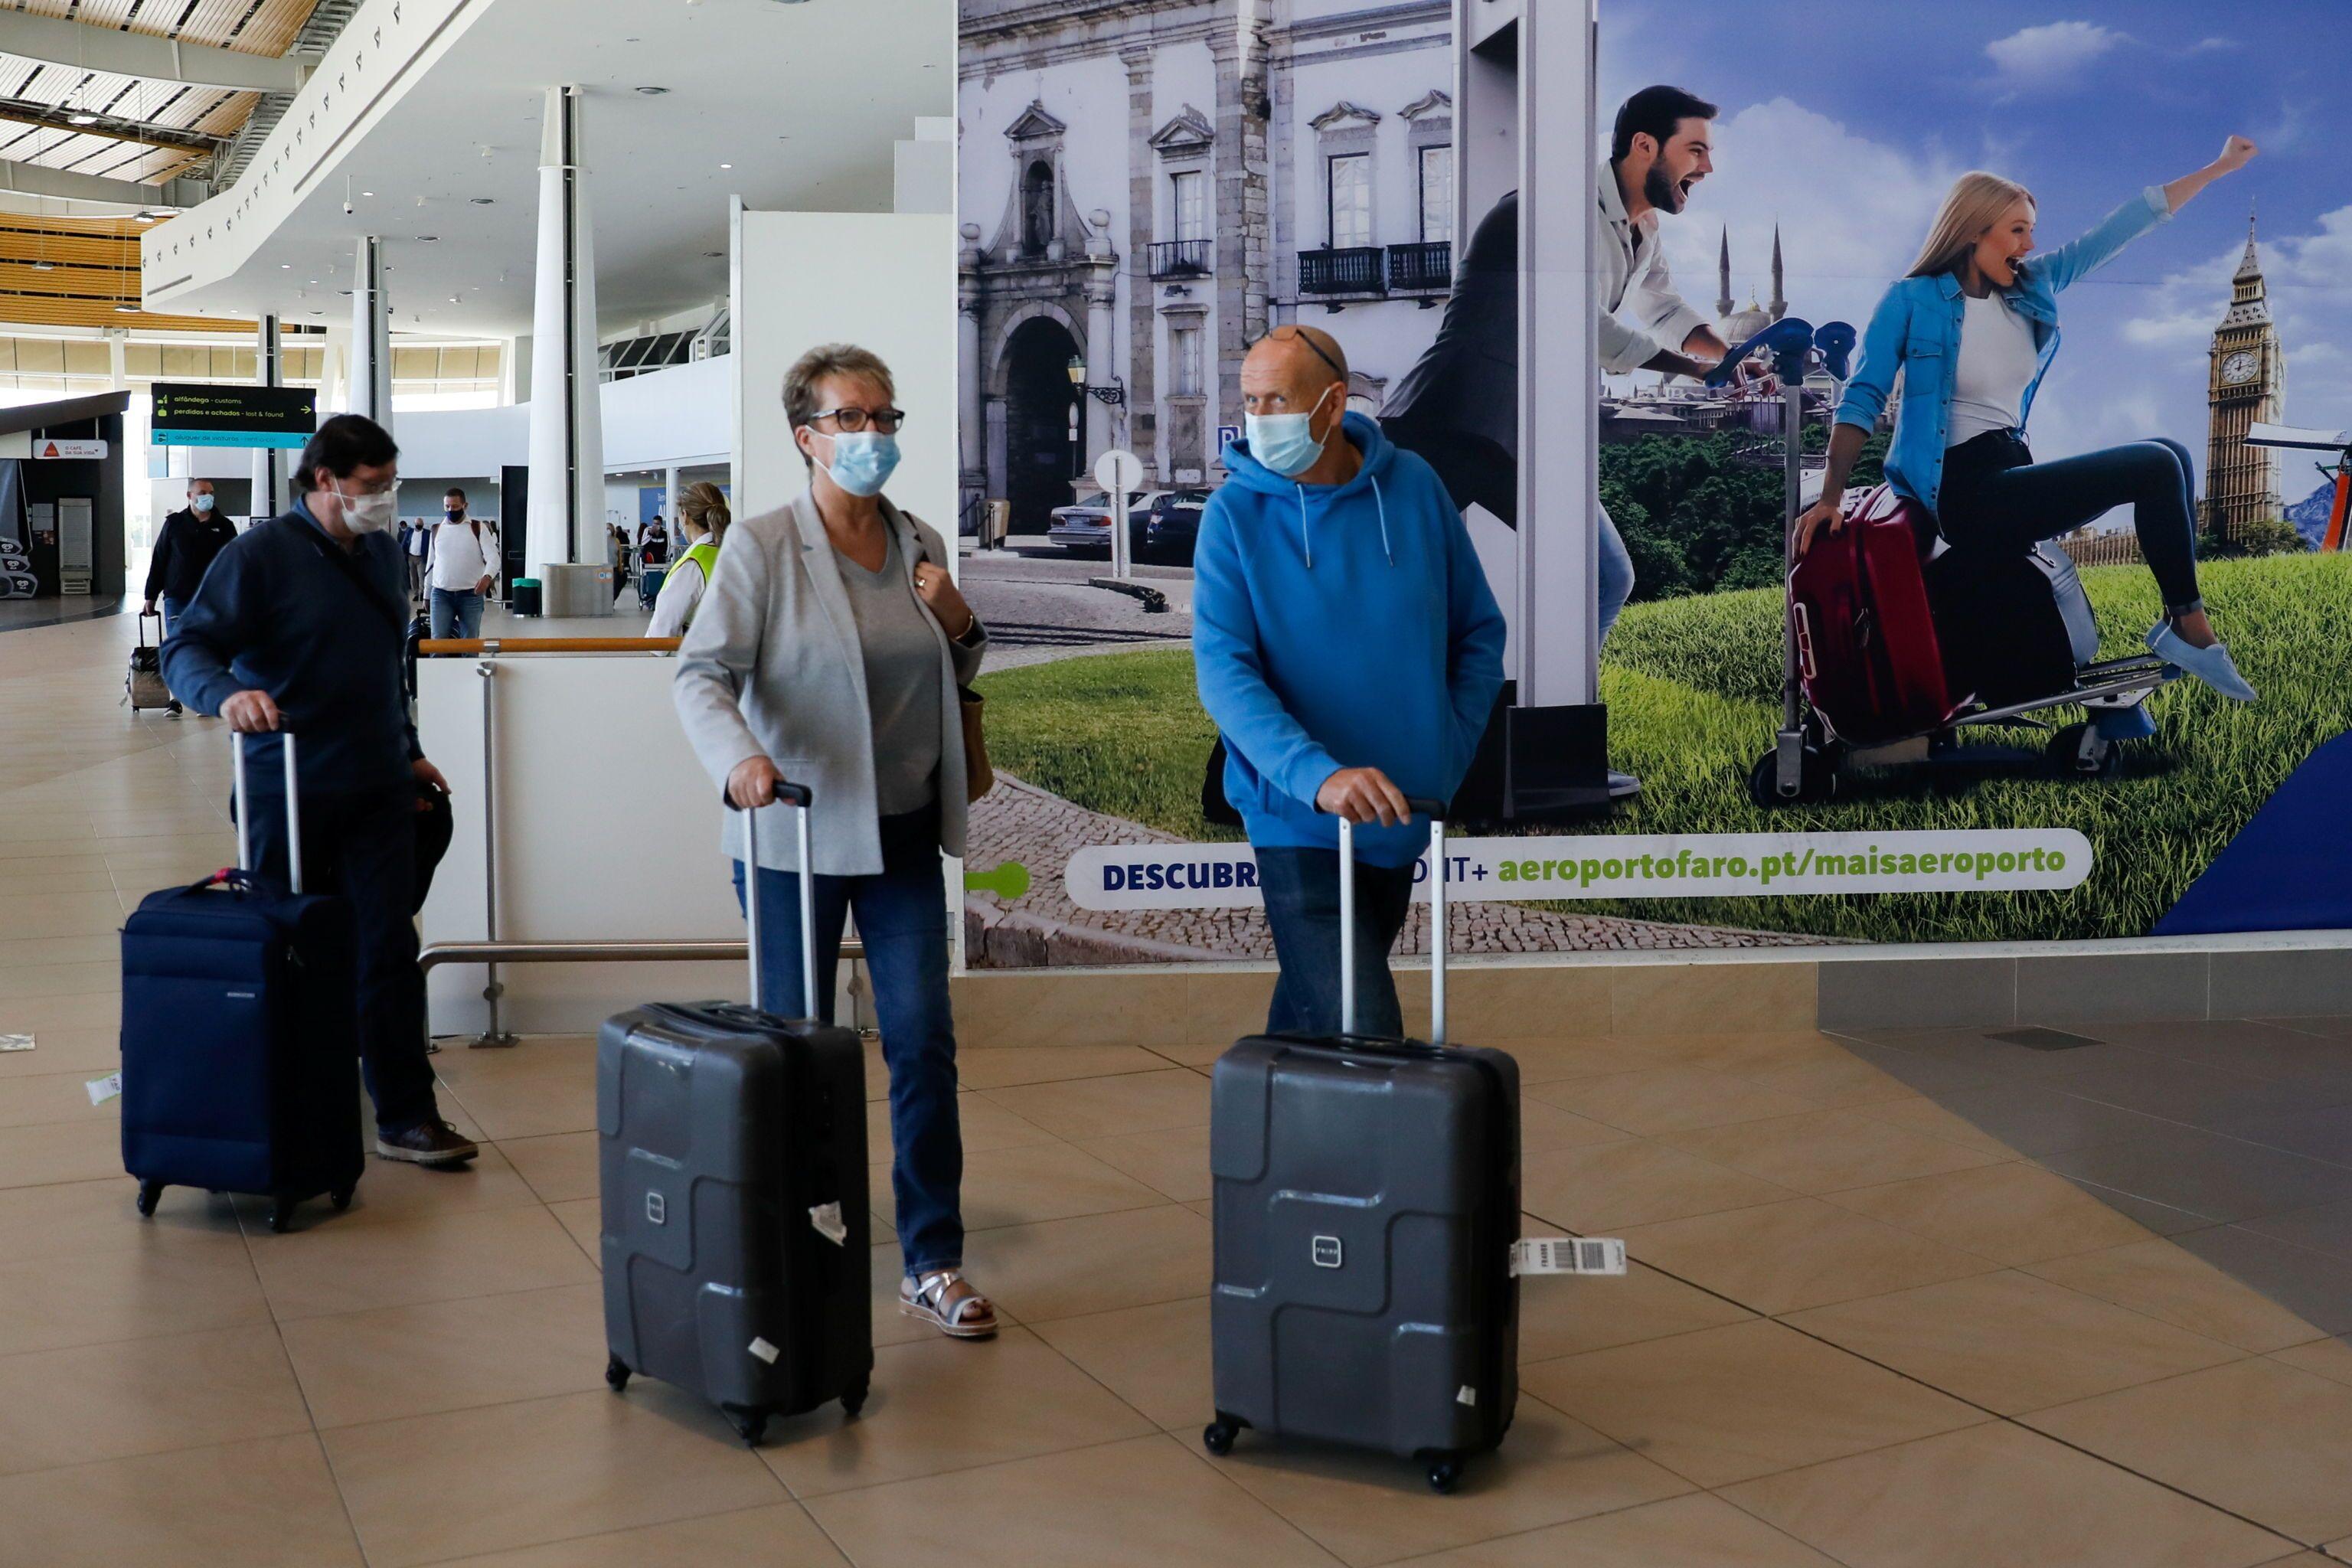 Turistas de Manchester chegando ao Aeroporto de Faro no primeiro dia de reabertura das fronteiras de Portugal para turistas britânicos, Faro, Portugal, 17 de maio de 2021